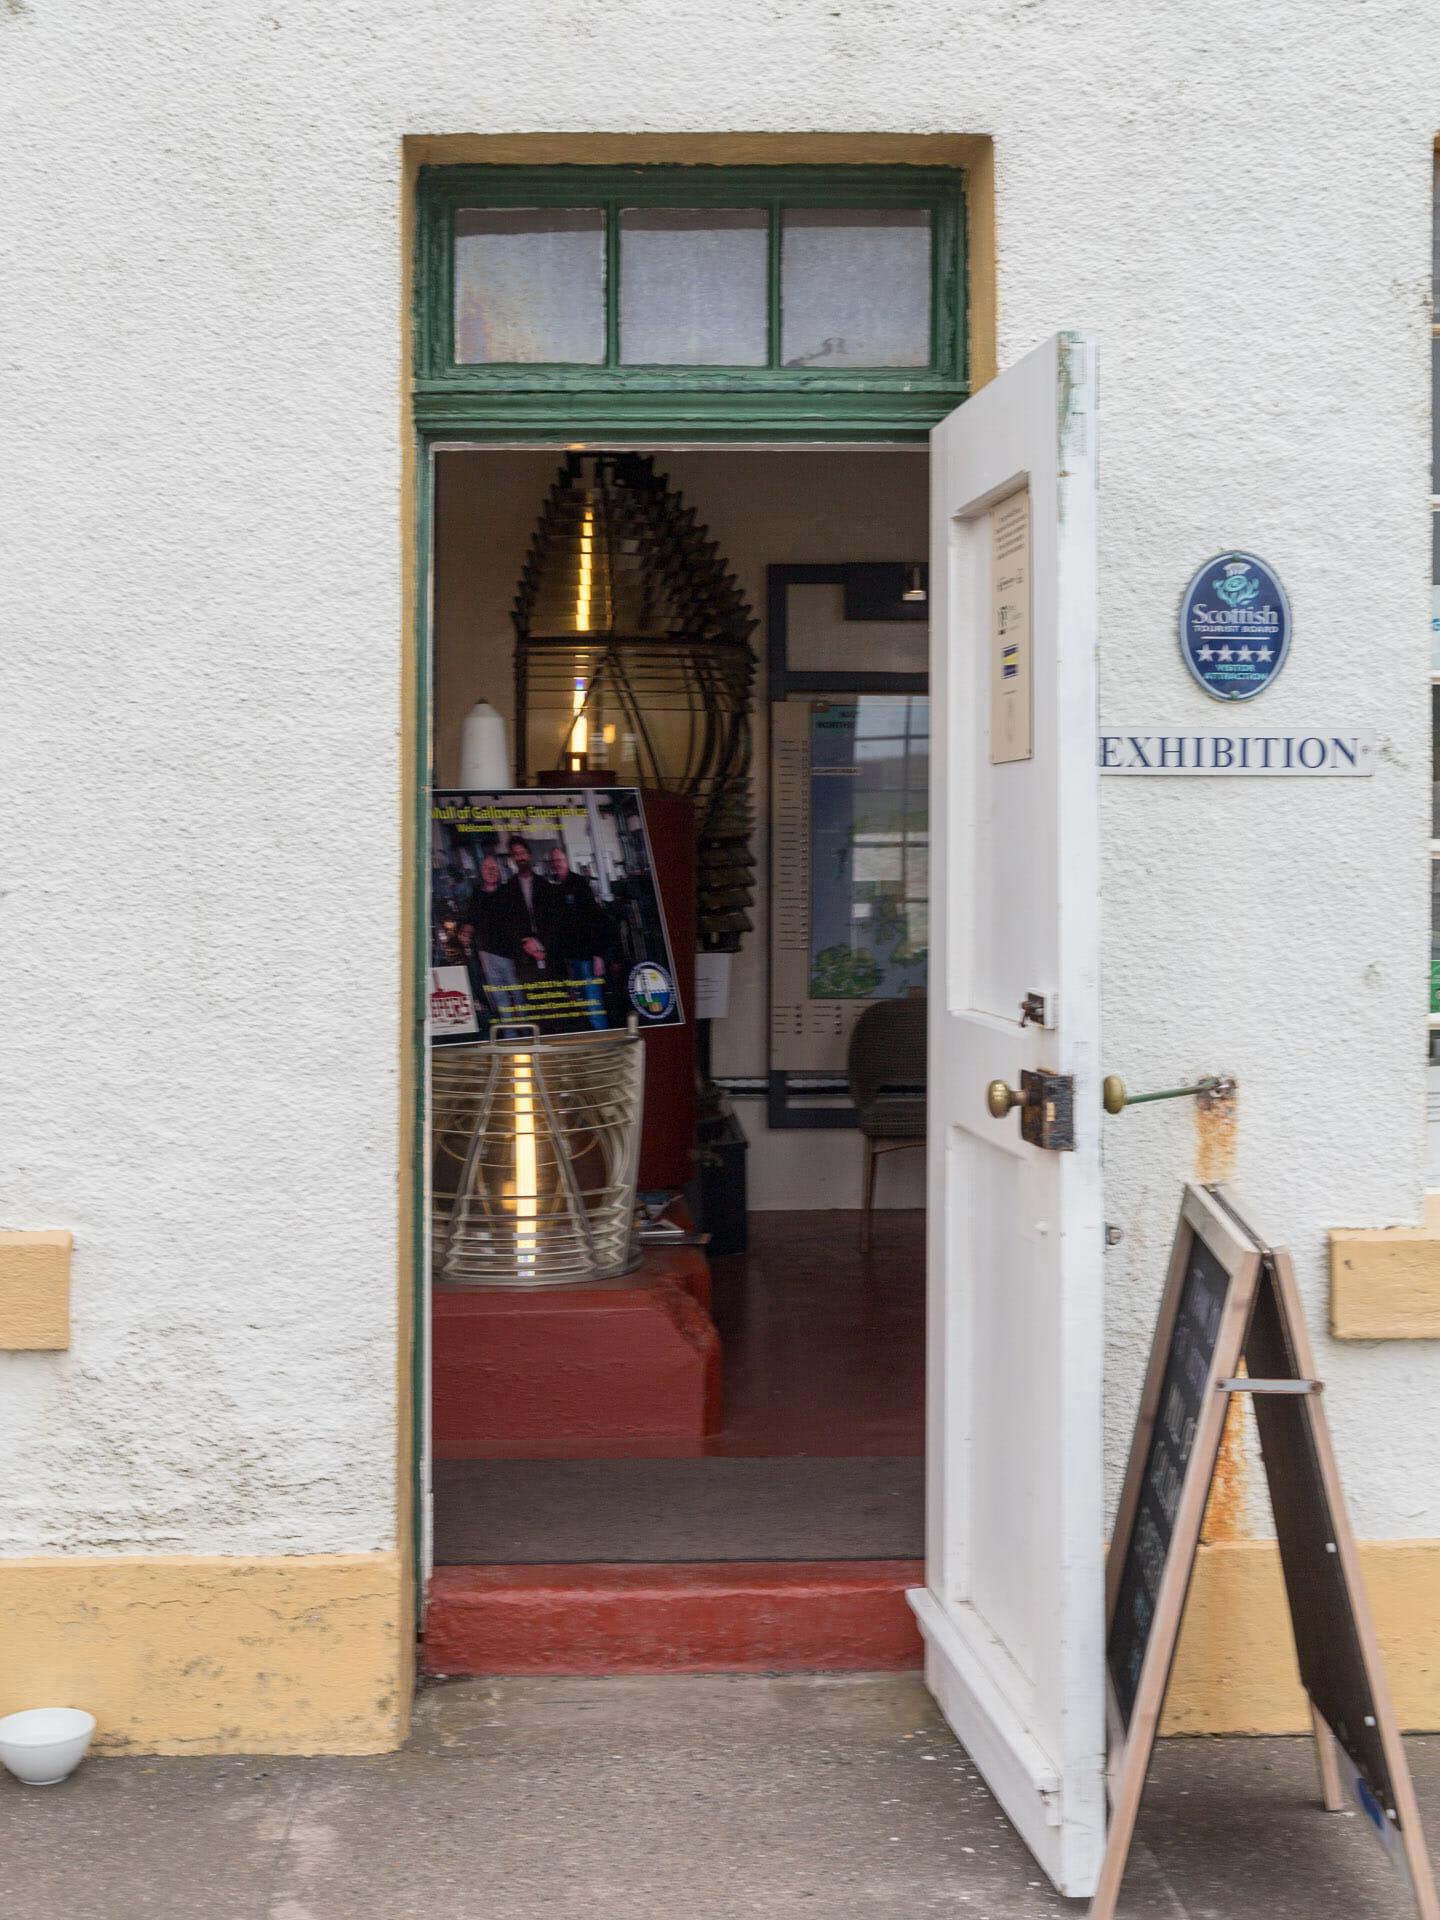 Eingang zum Turm und der Ausstellung